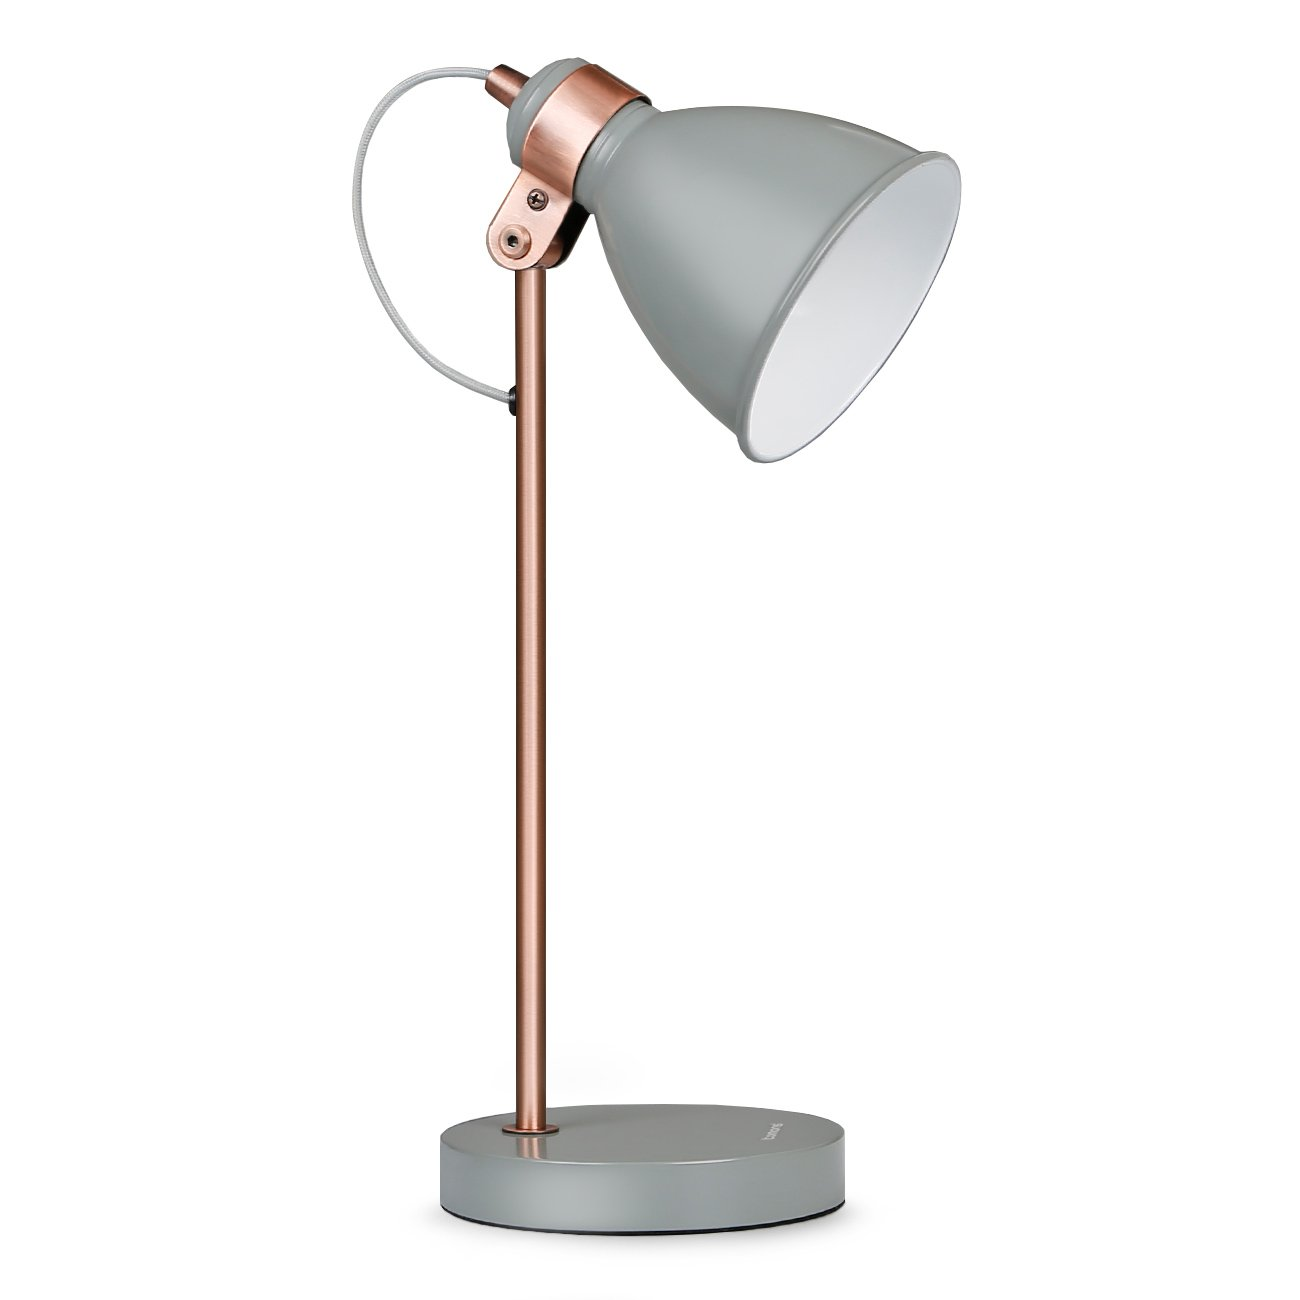 Tomons Moderne Tischlampe mit Metallfassung, Leselampe im Industriedesign für Arbeits- & Wohnzimmer mit verstellbarem Schirm, inkl. 4 W LED